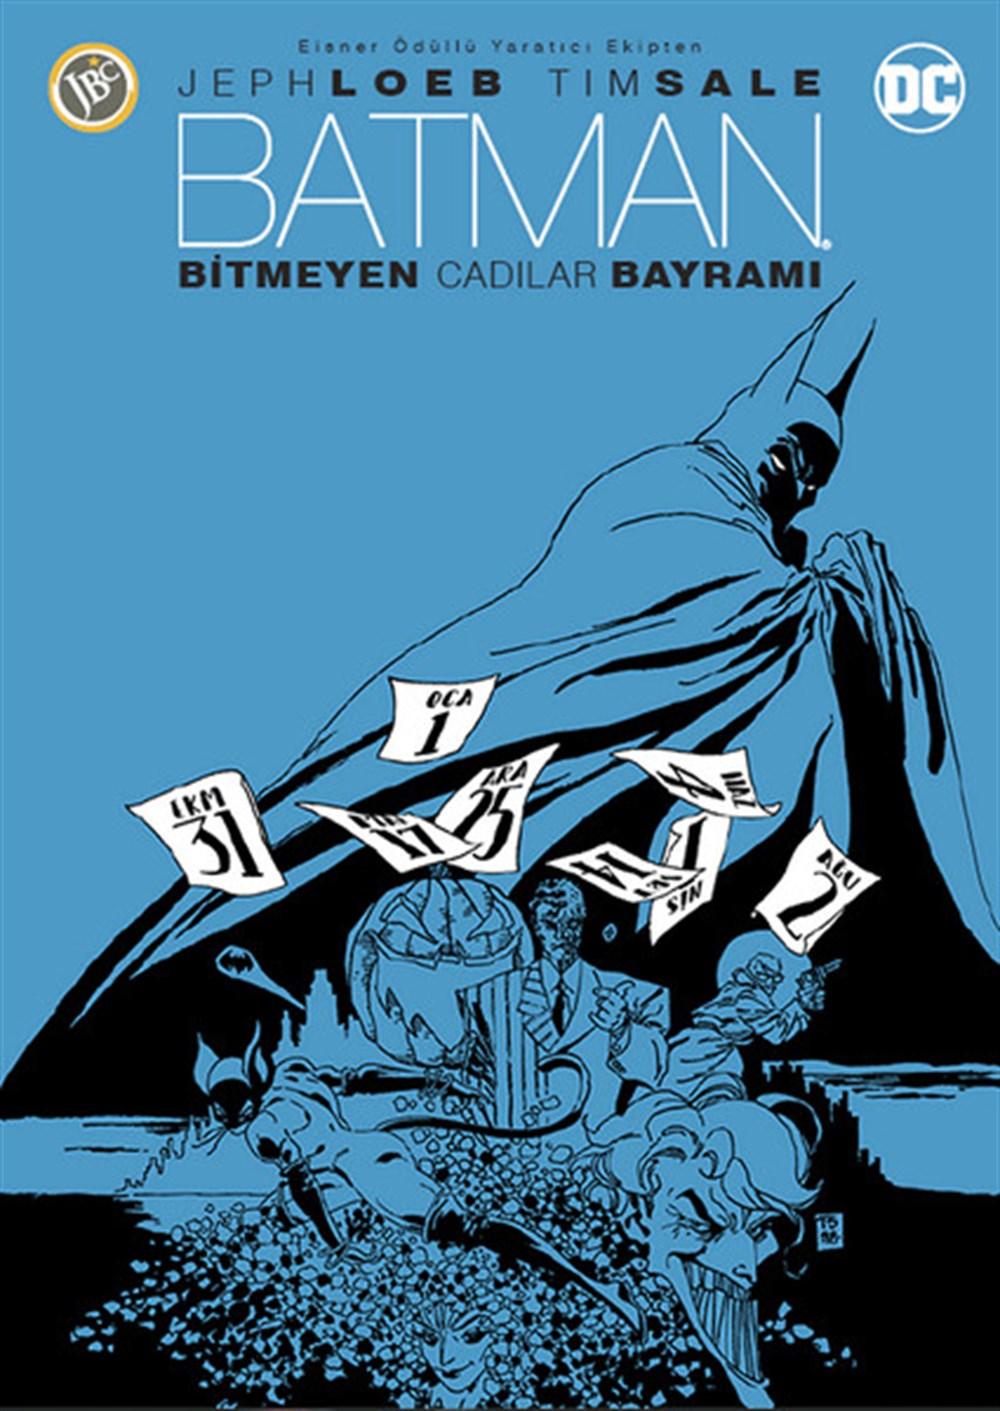 Batman: Bitmeyen Cadılar Bayramı